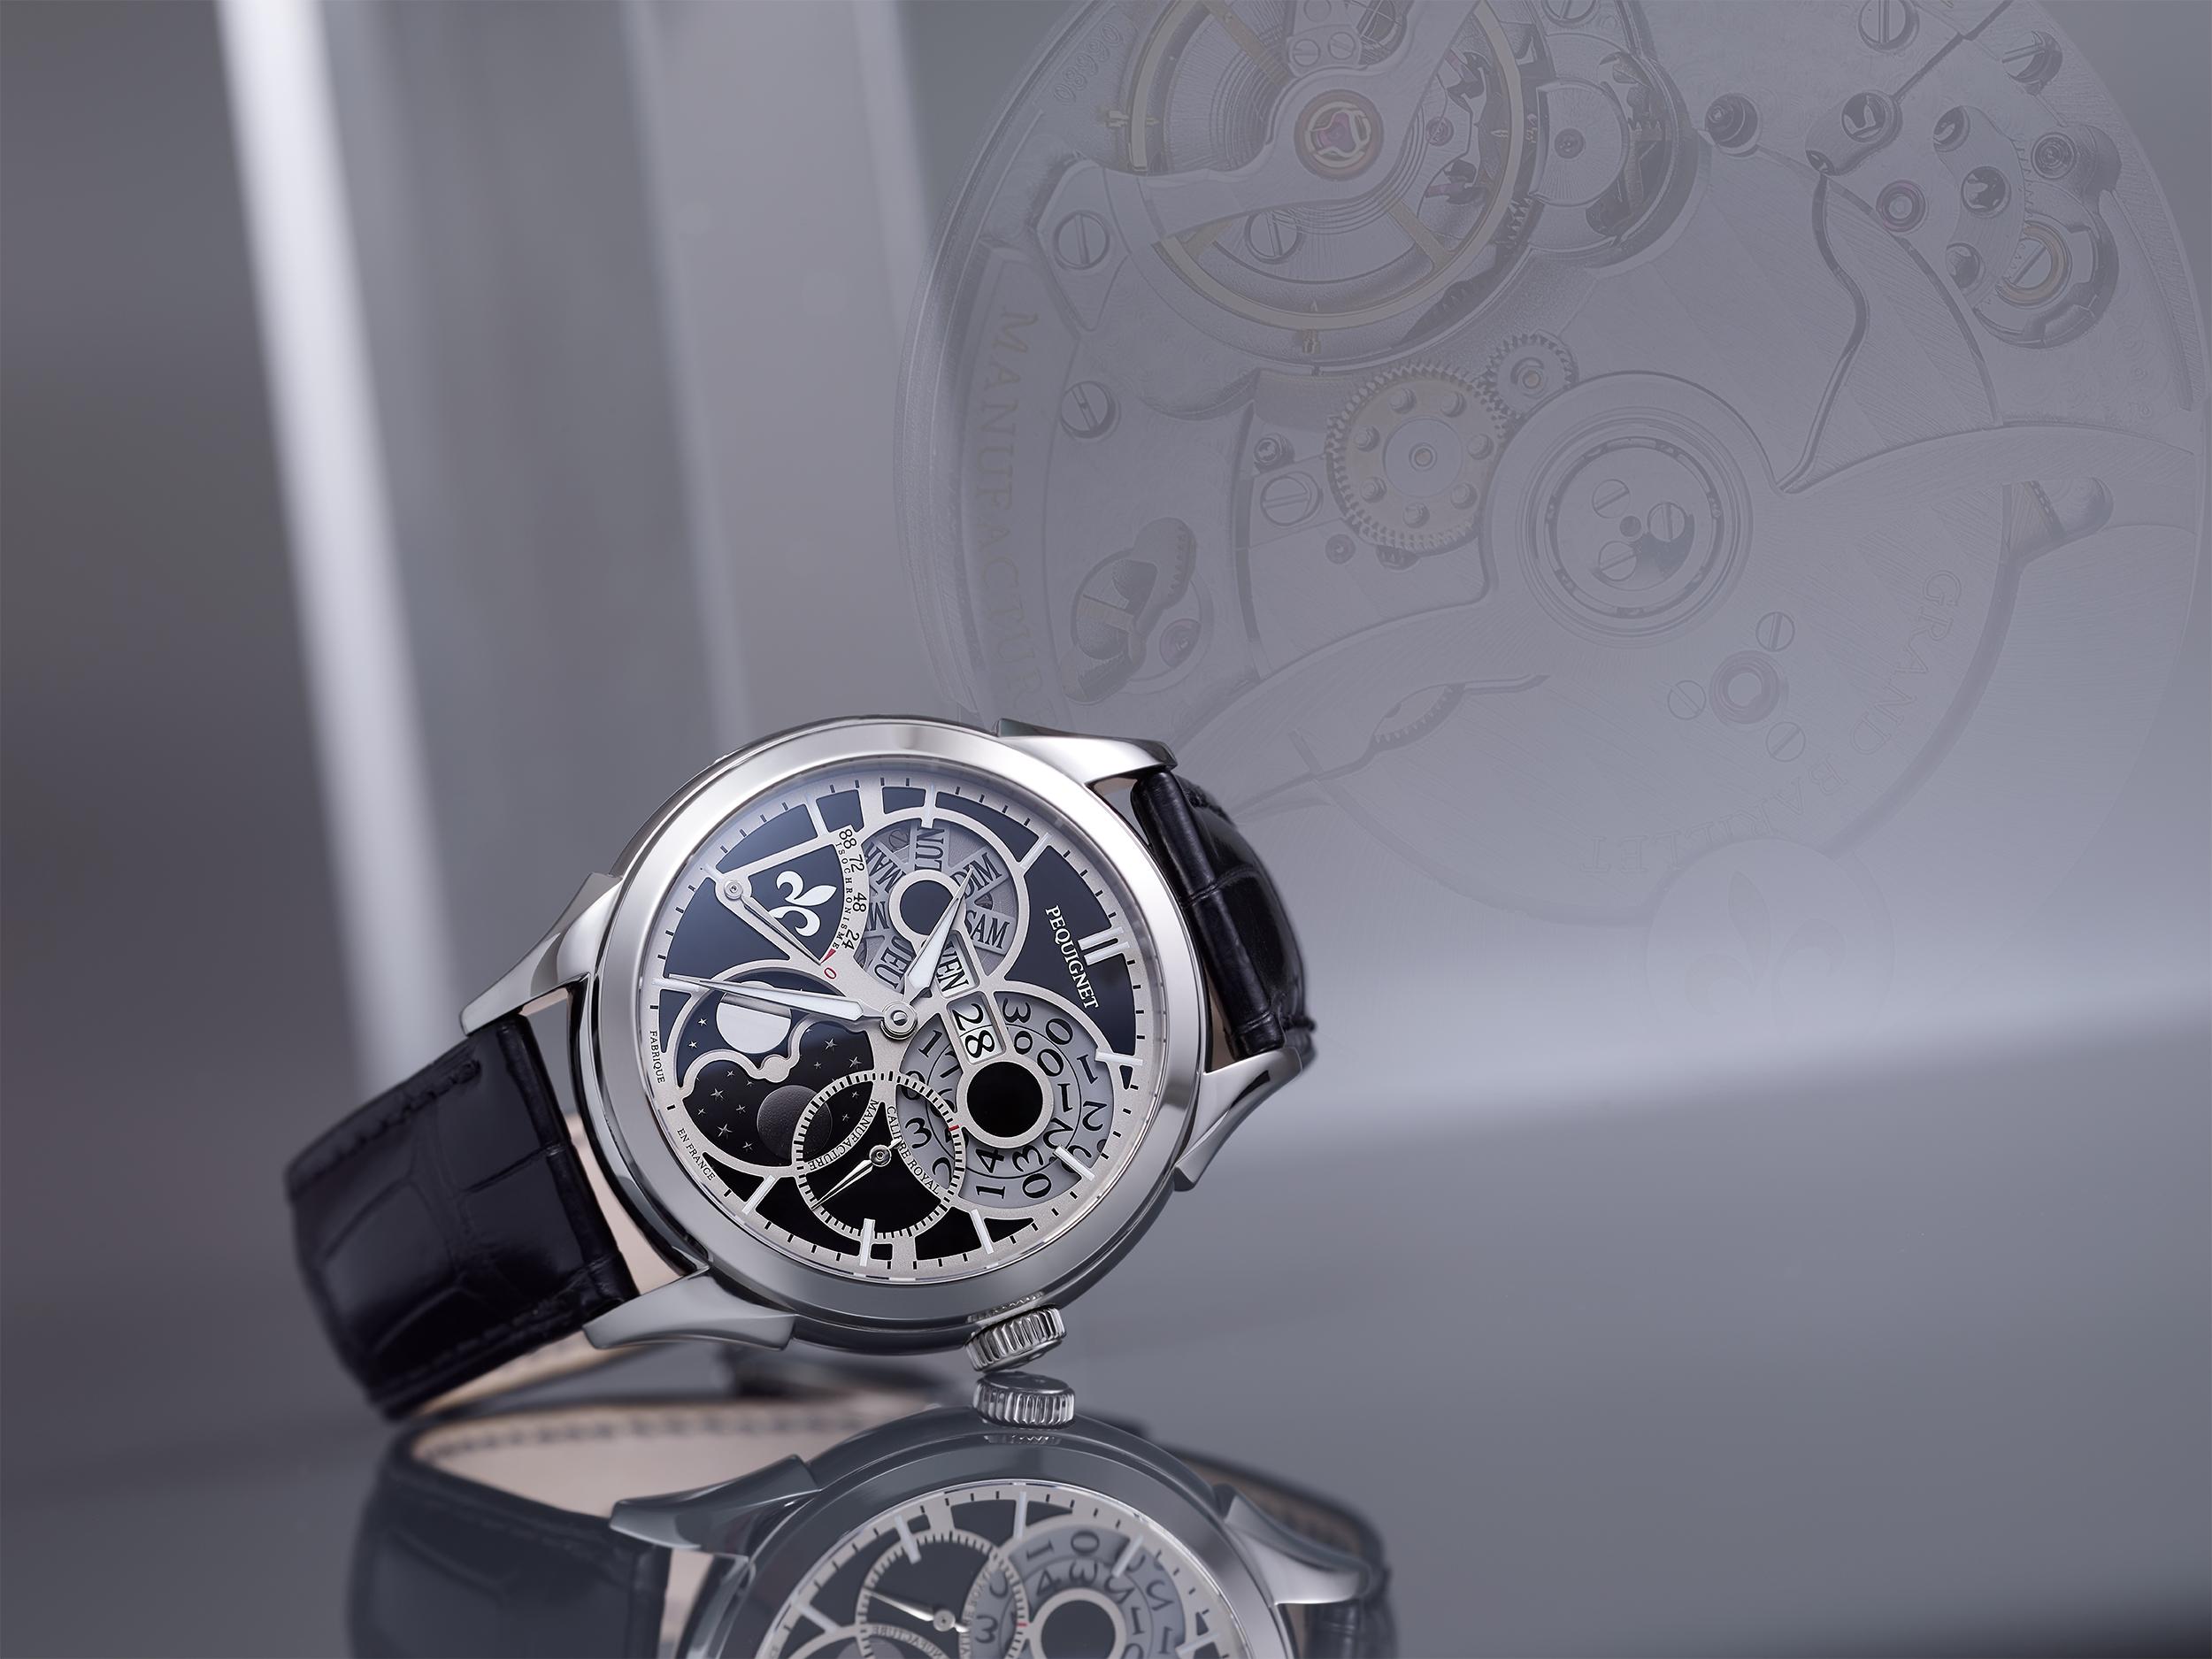 Image de studio pour la montre Royale de Pequignet